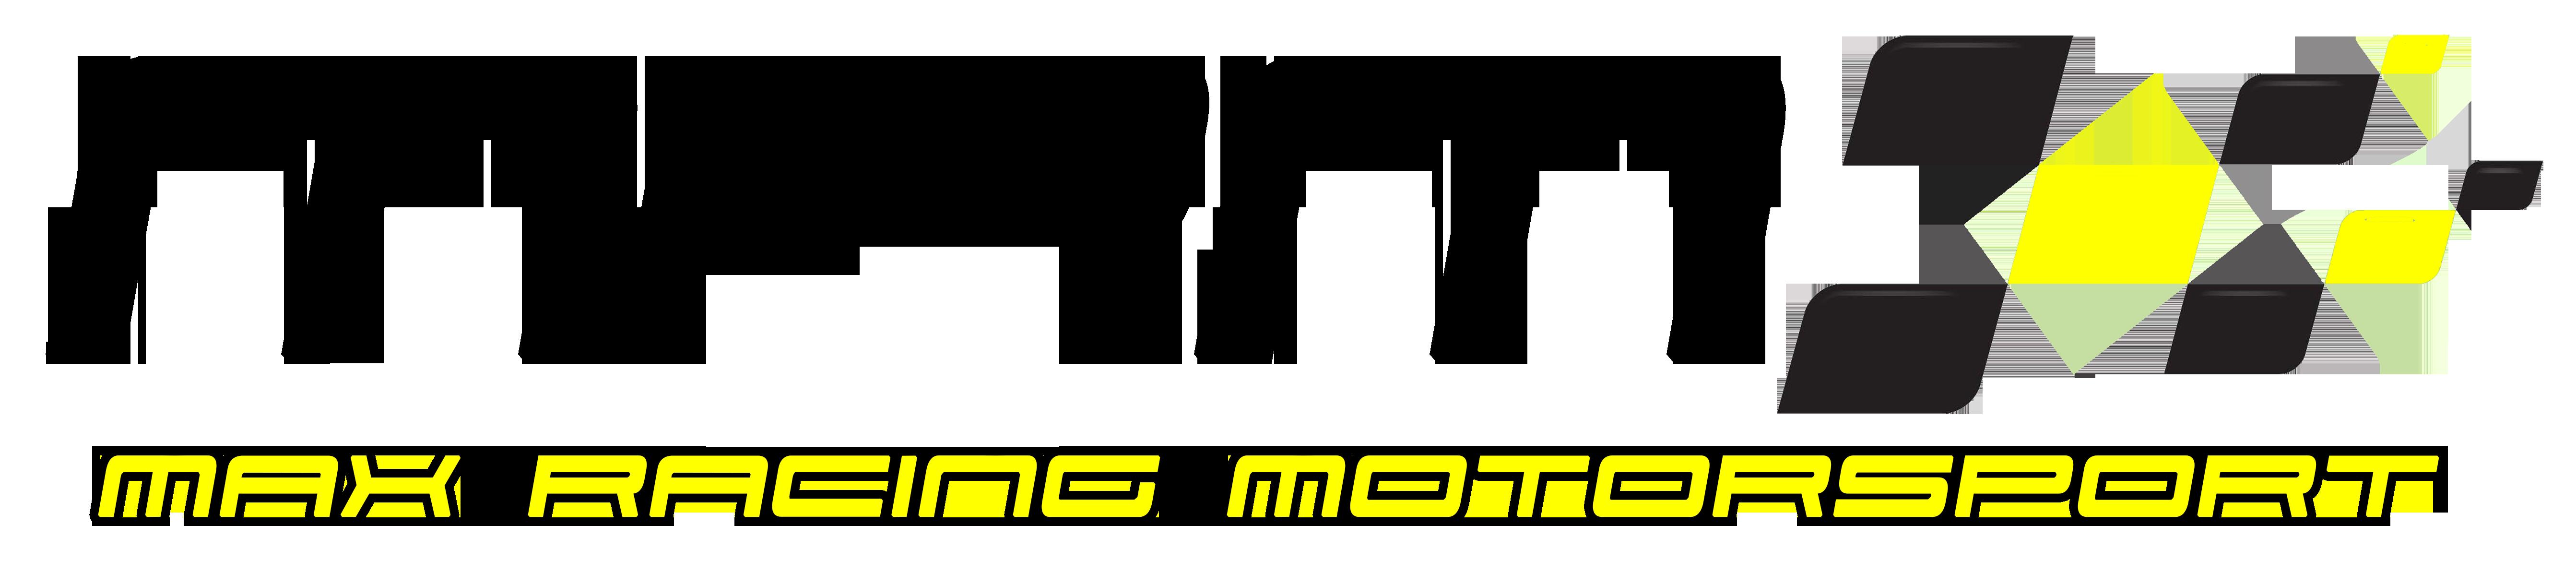 Max Racing Motorsport